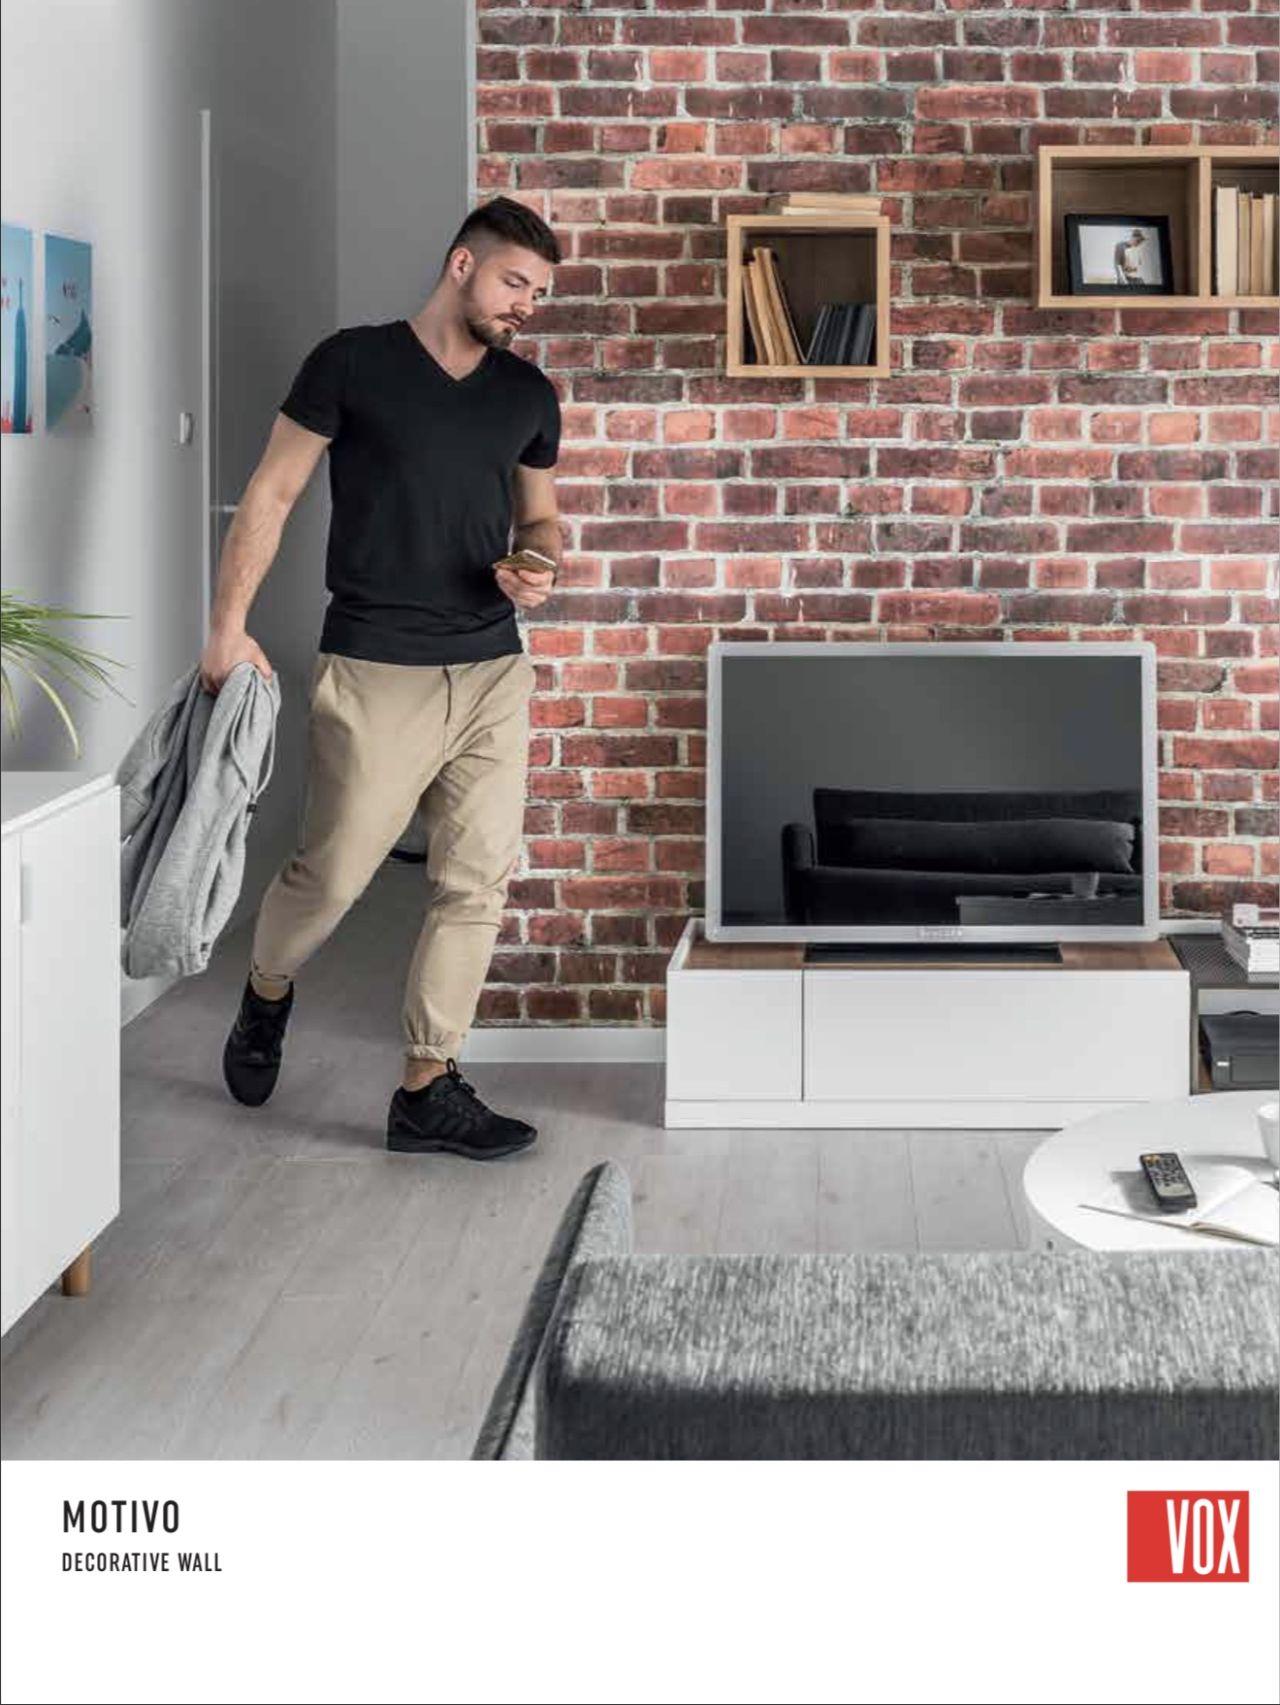 Sfoglia il catalogo del muro decorativo in PVC Motivo